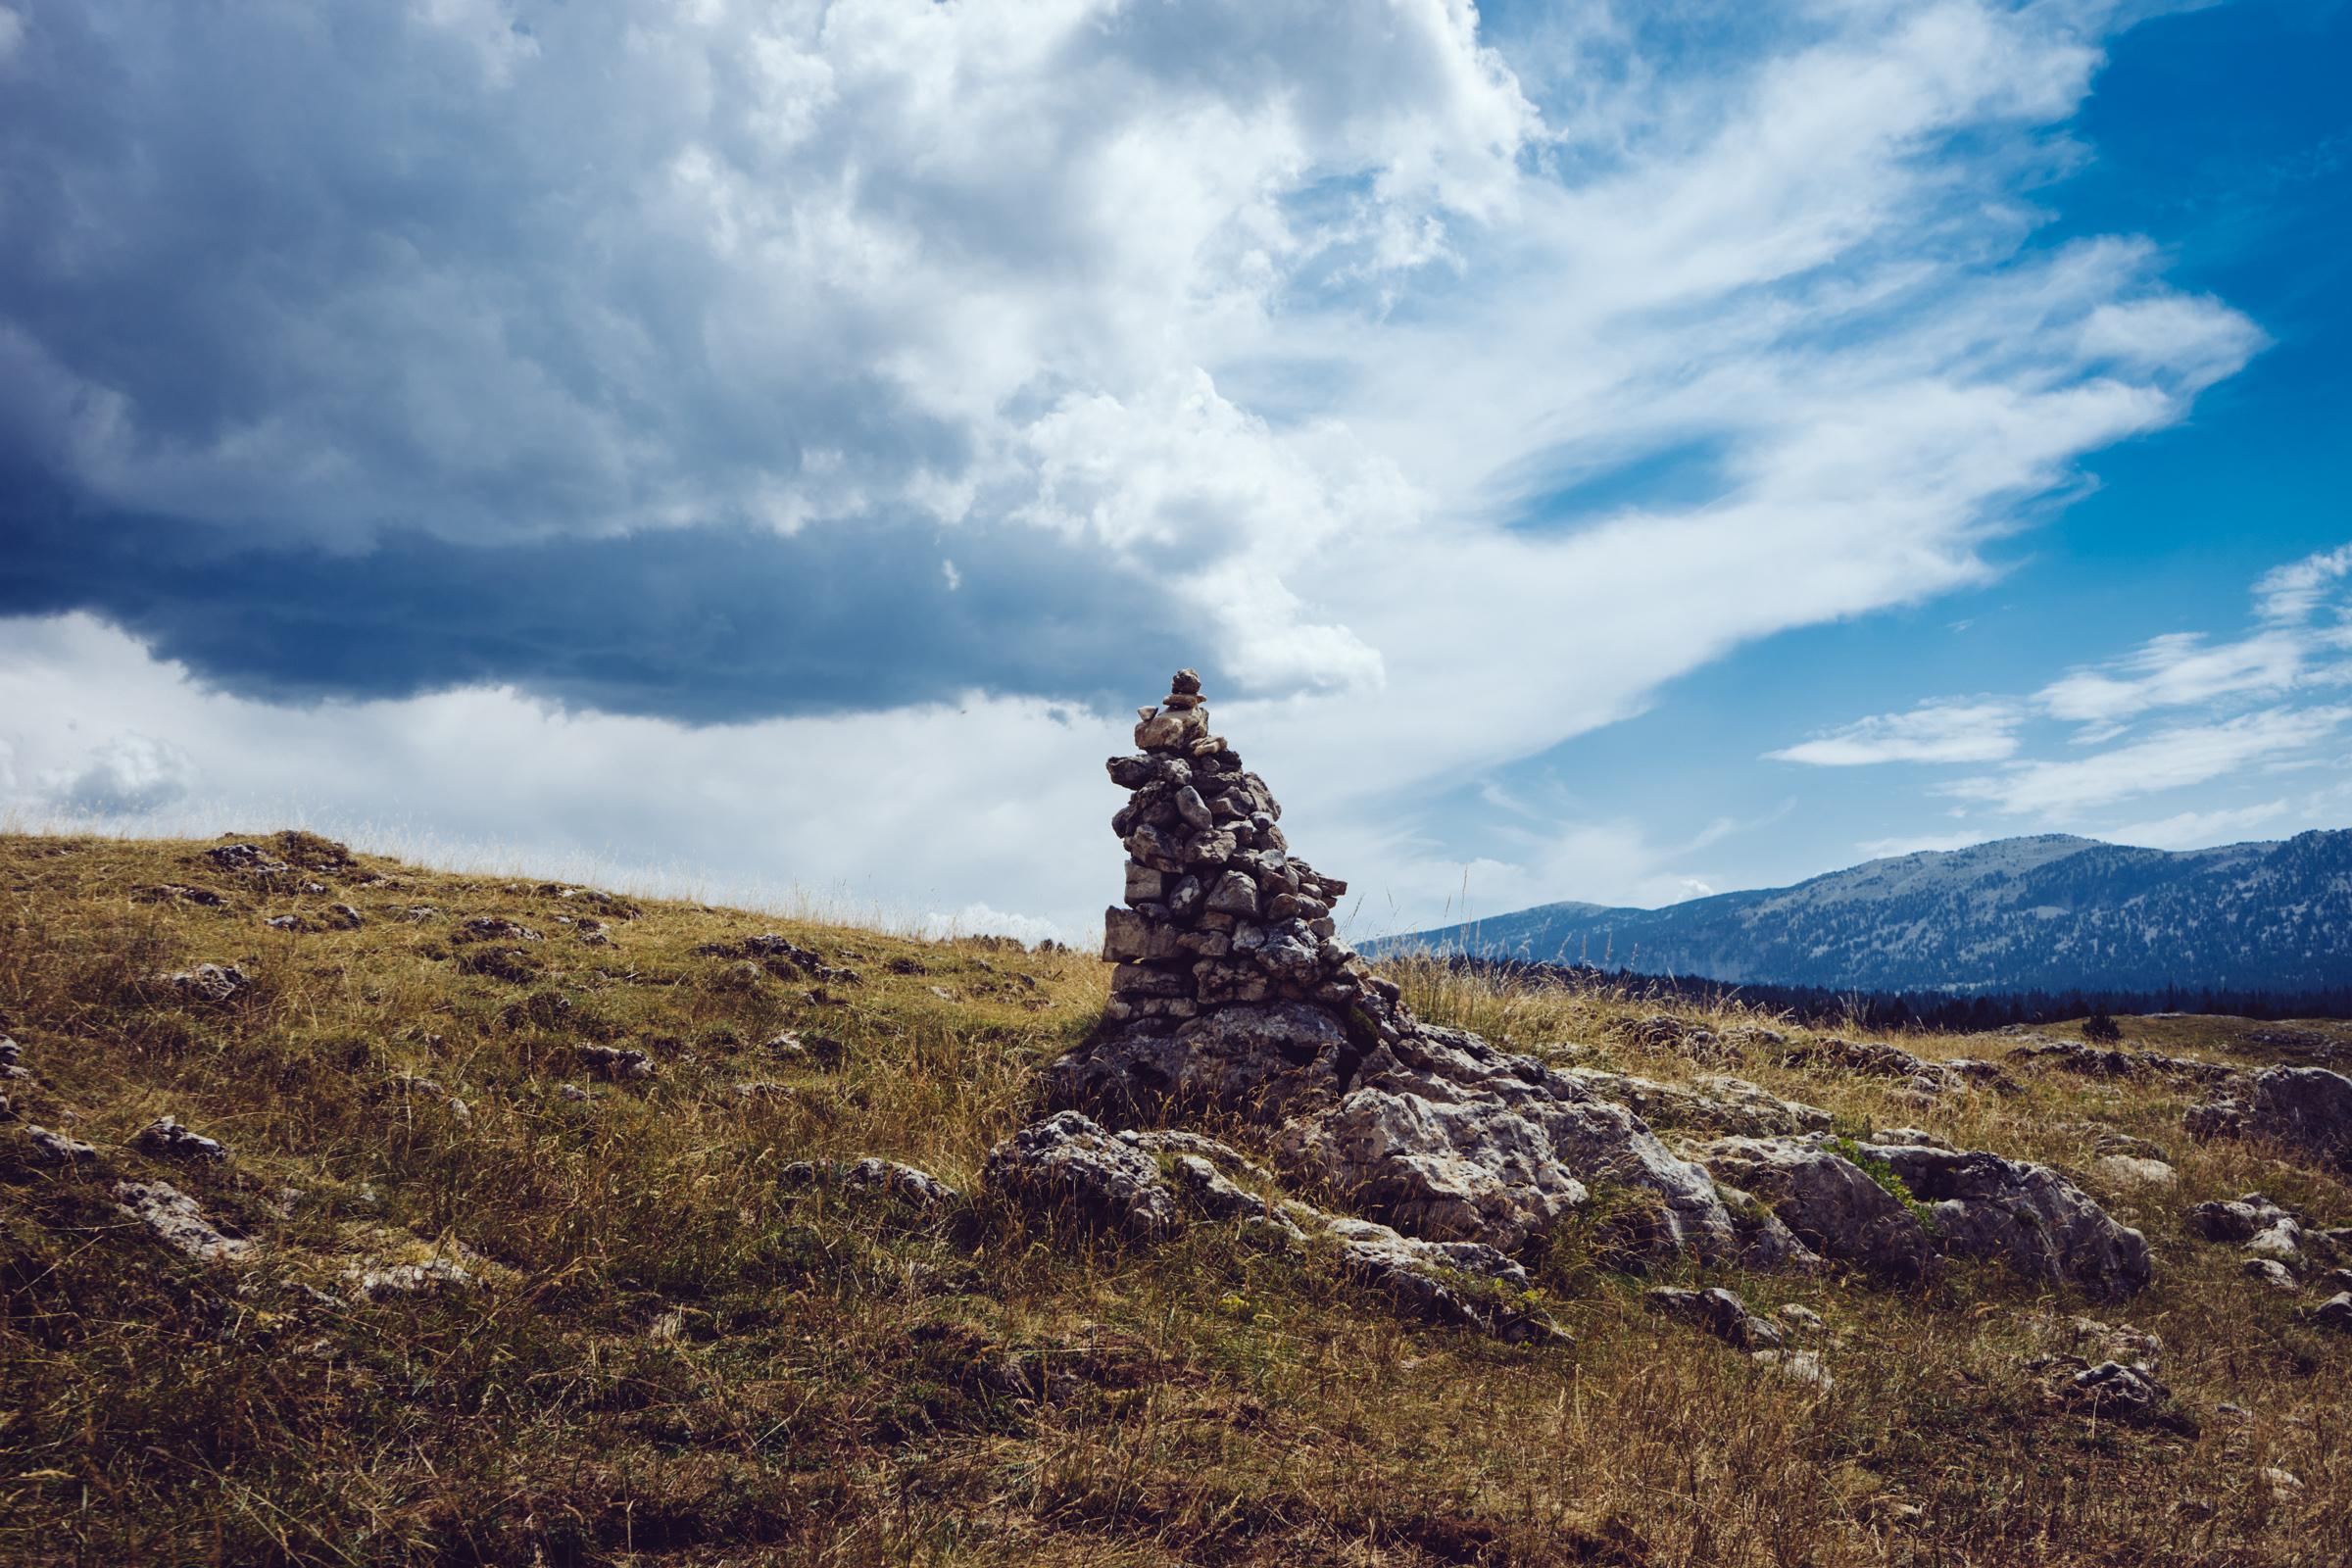 Randonnée sur les hauts plateaux du Vercors - Les cairns